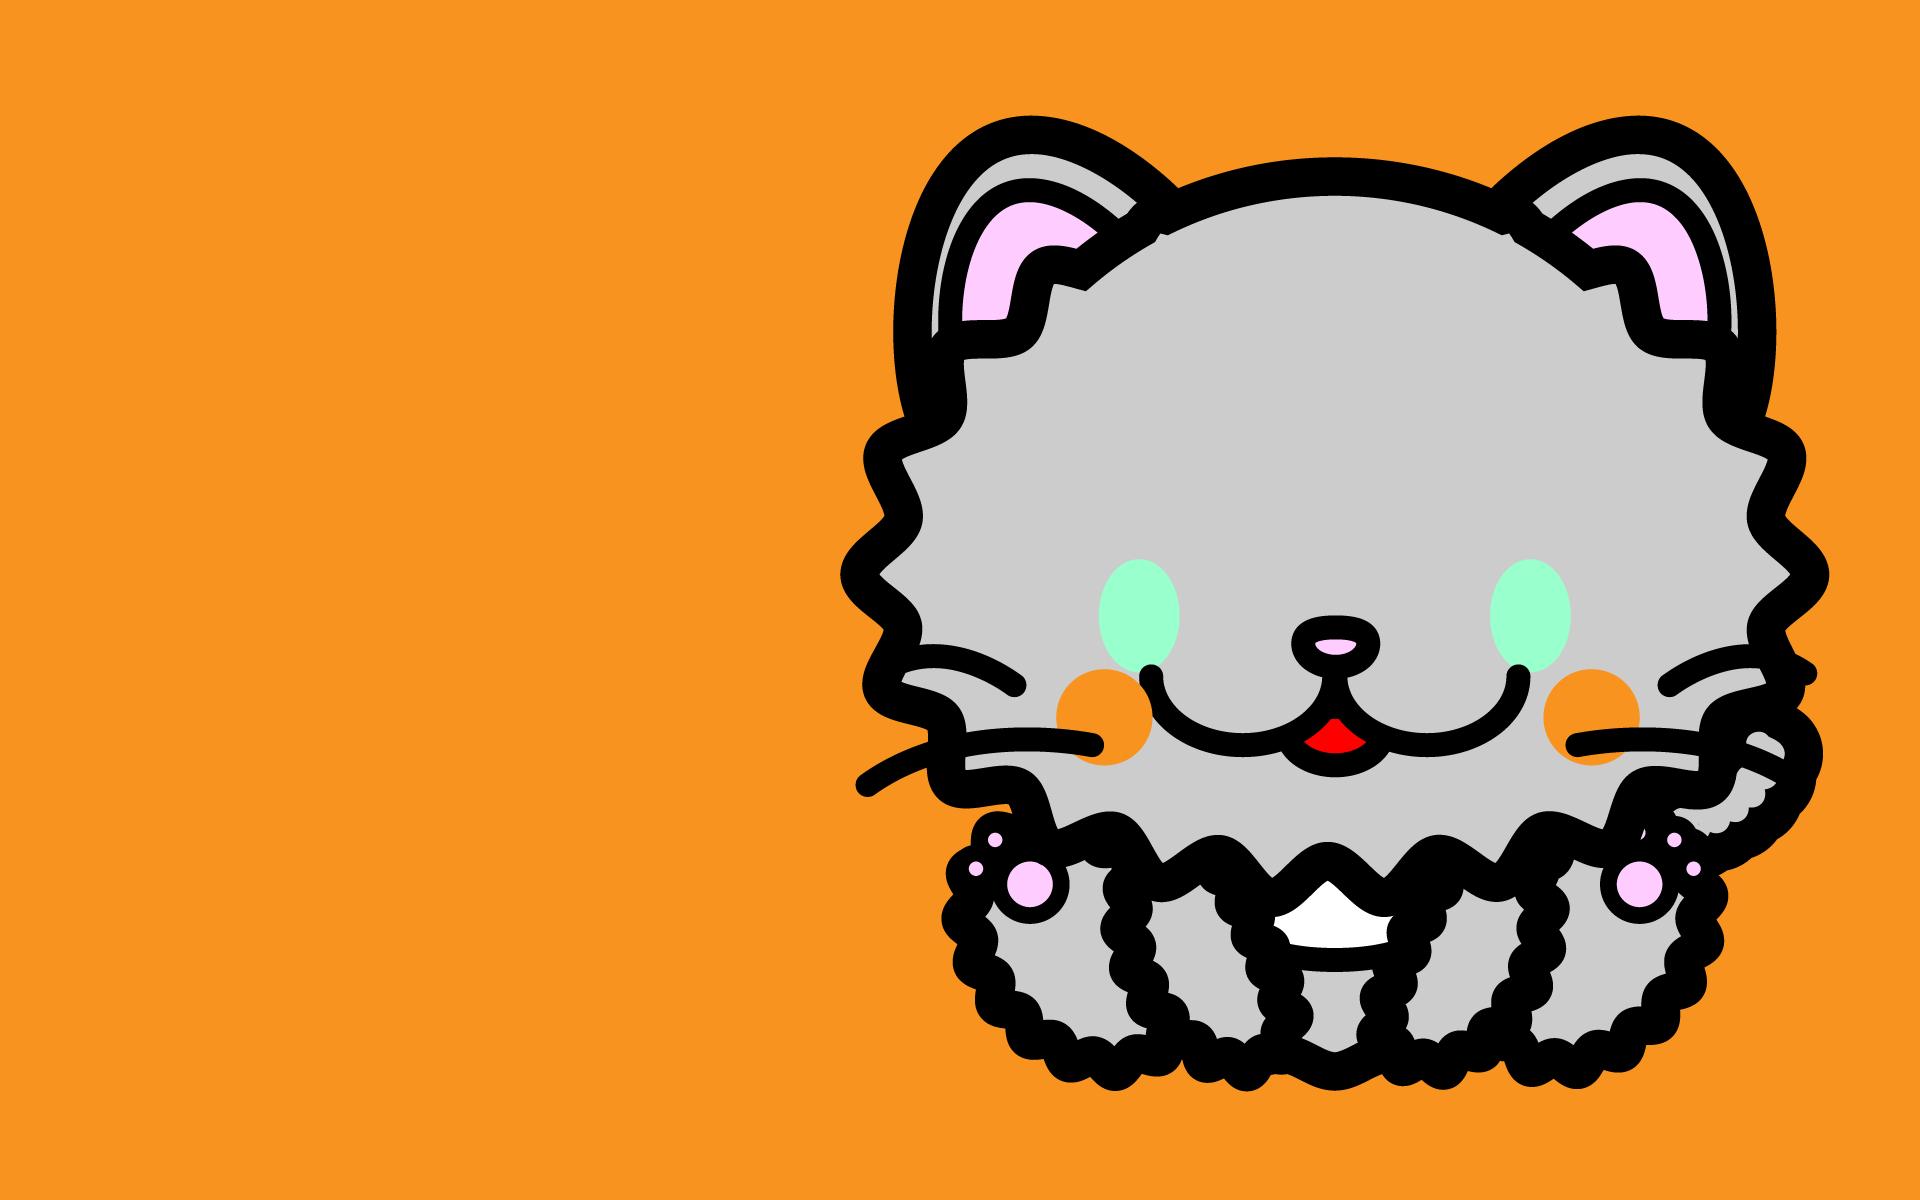 かわいい座りペルシャ猫壁紙(PC)の無料イラスト・商用フリー